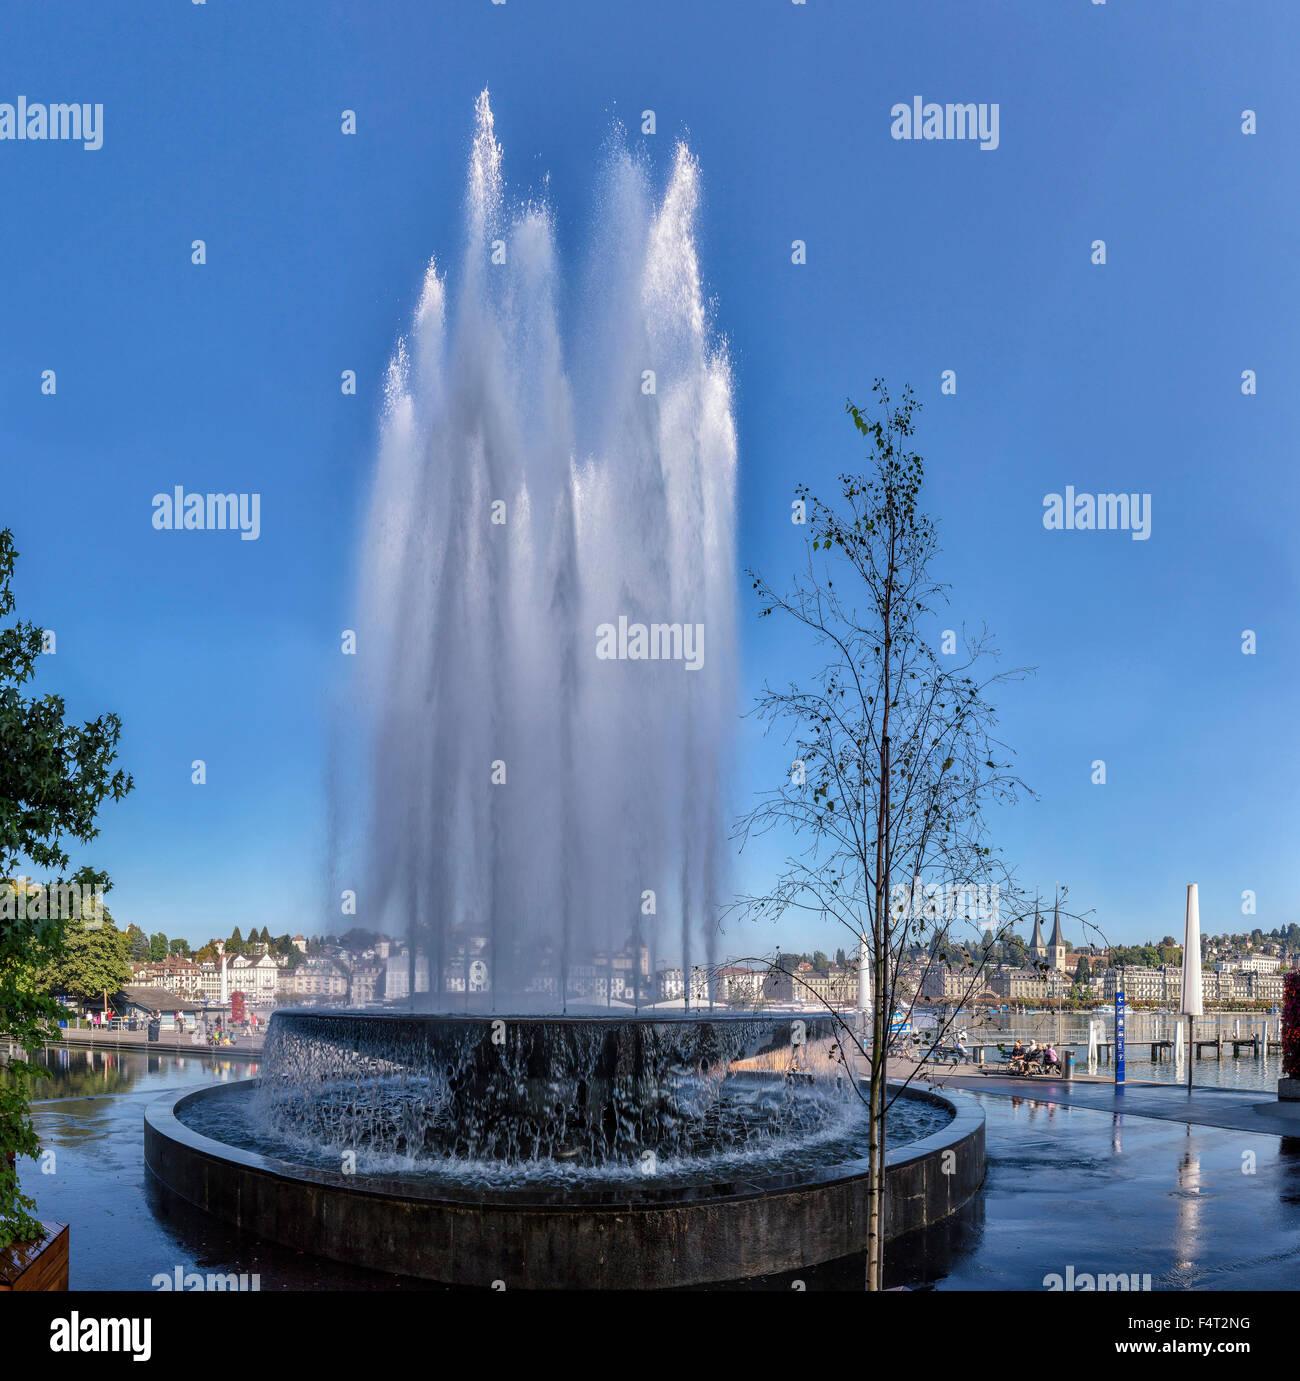 Schweiz, Europa, Luzern, Luzern, Brunnen, Kultur - Und Kongresszentrum, Stadt, Wasser, Sommer, KKL, Stockbild